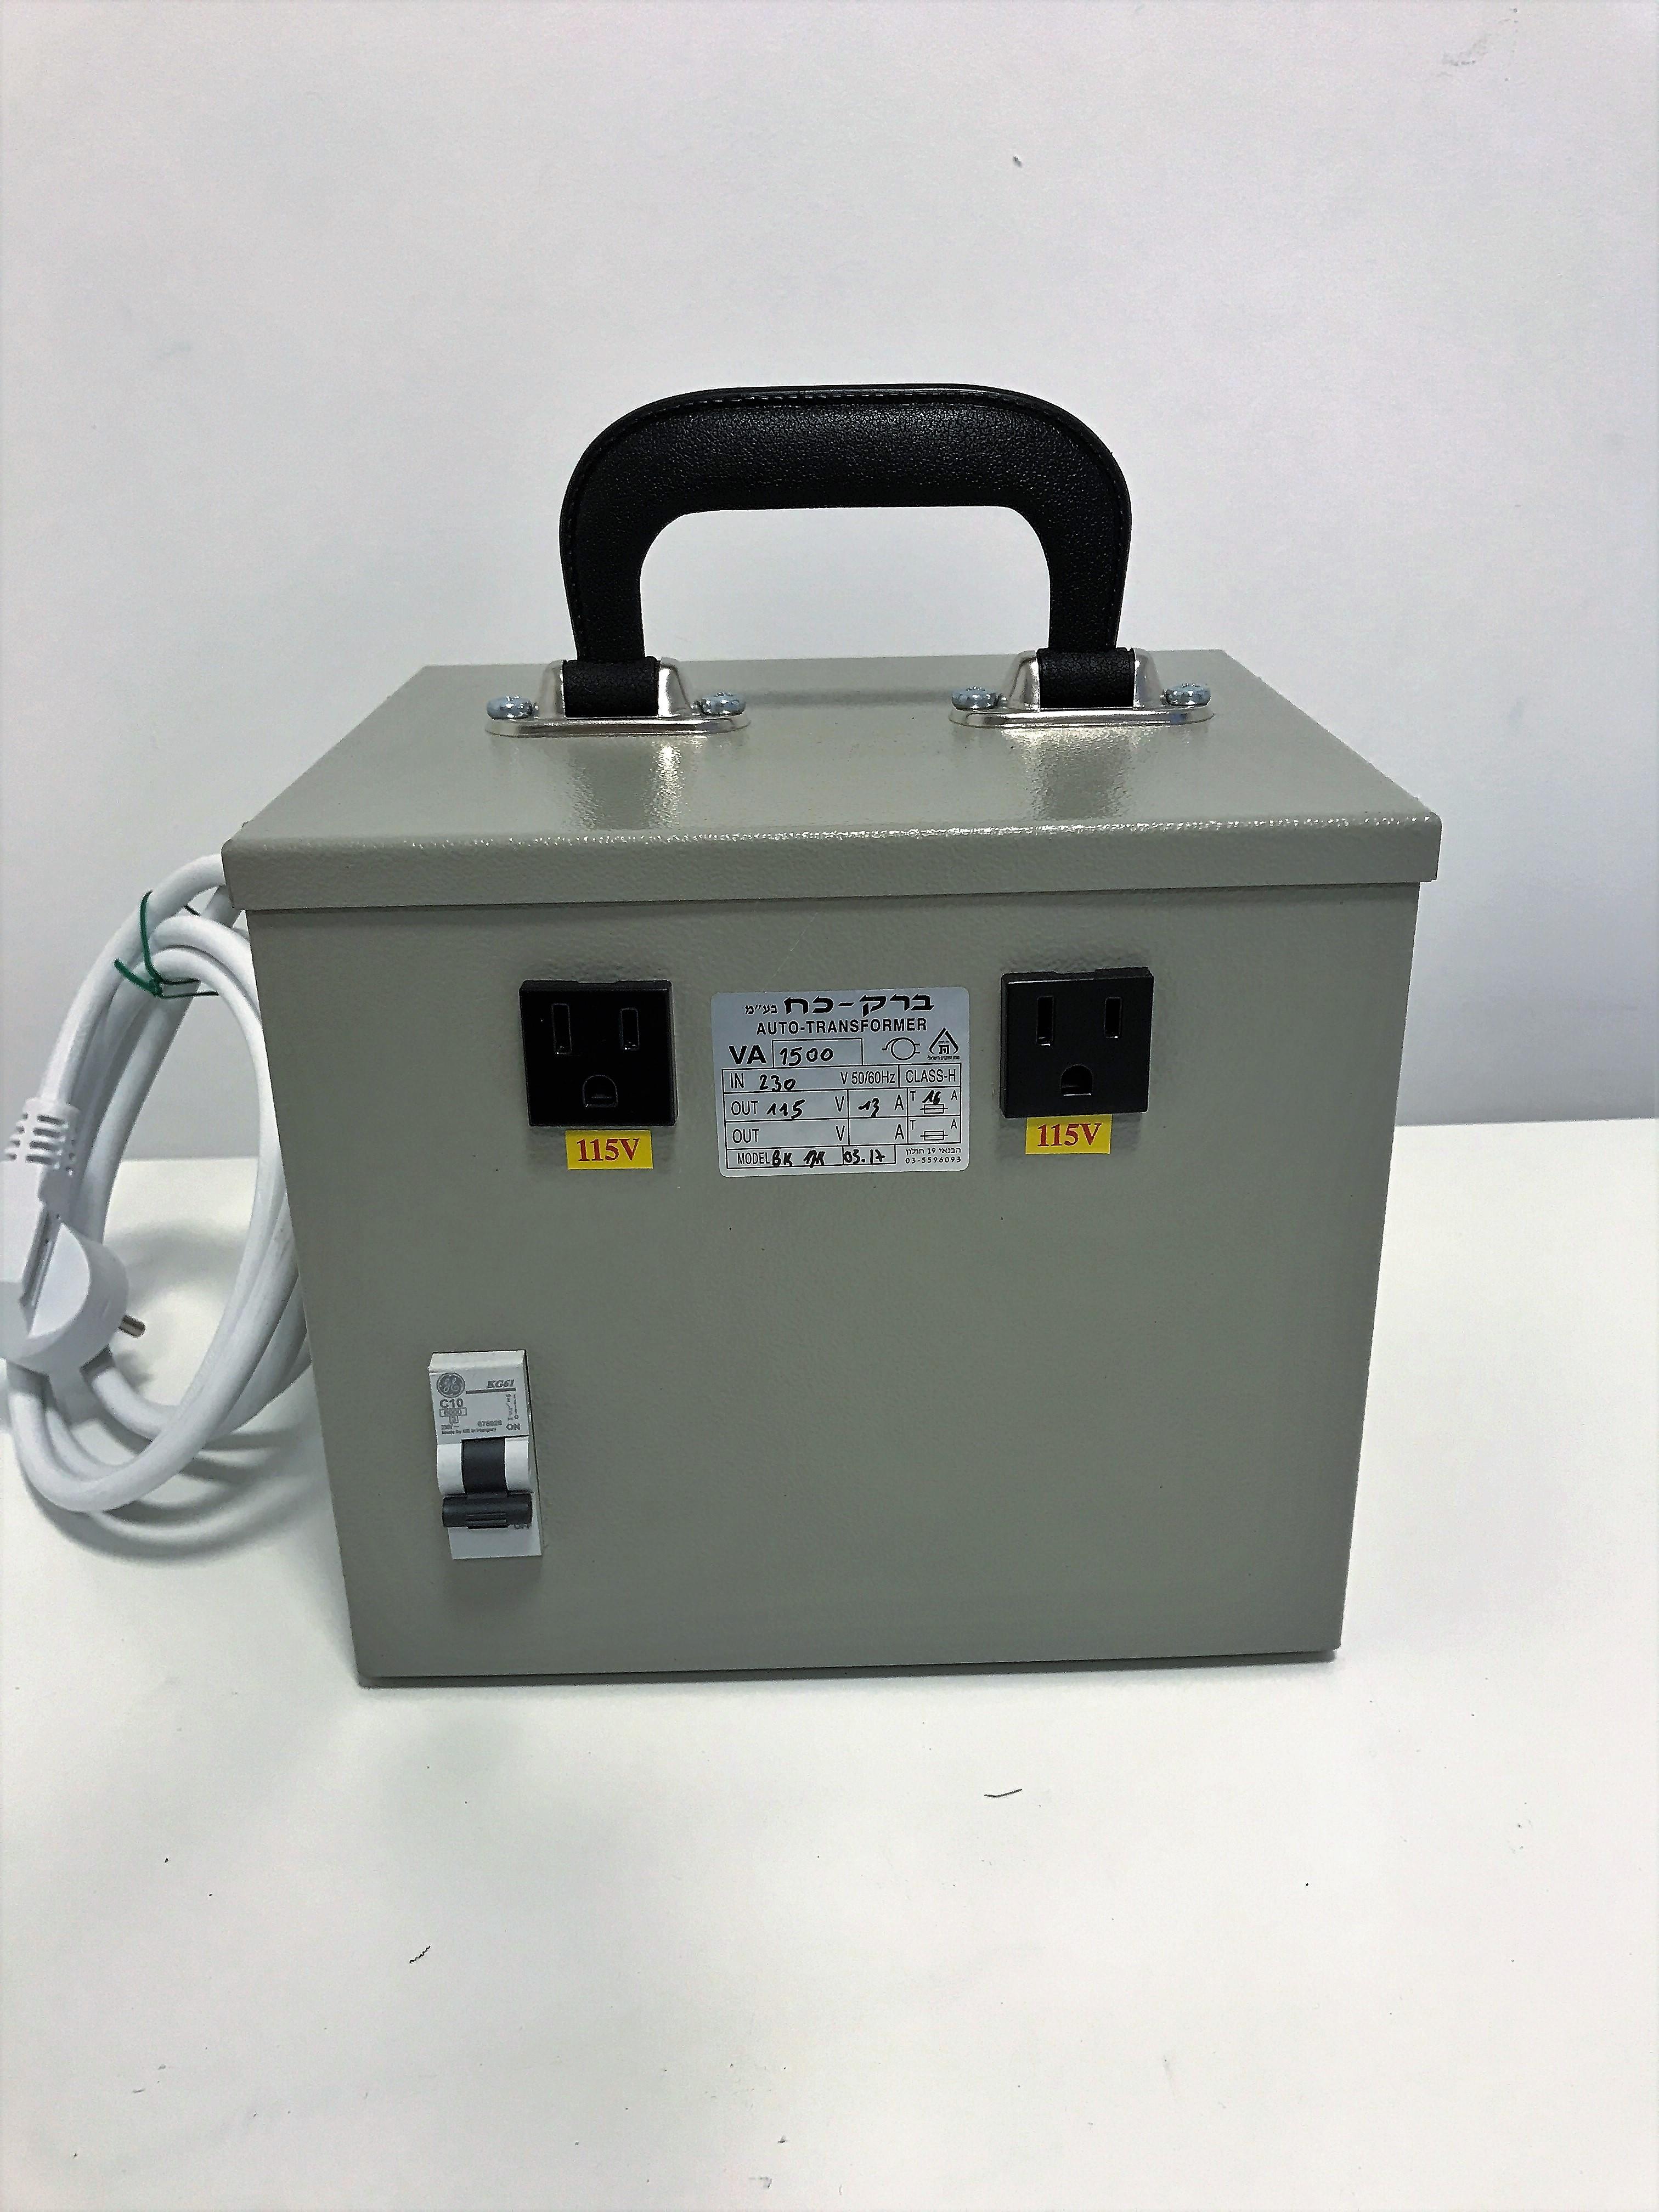 שנאי אוטוטרפו *קומפלט* בהספק 1500VA (למכשיר אמריקאי 115V)